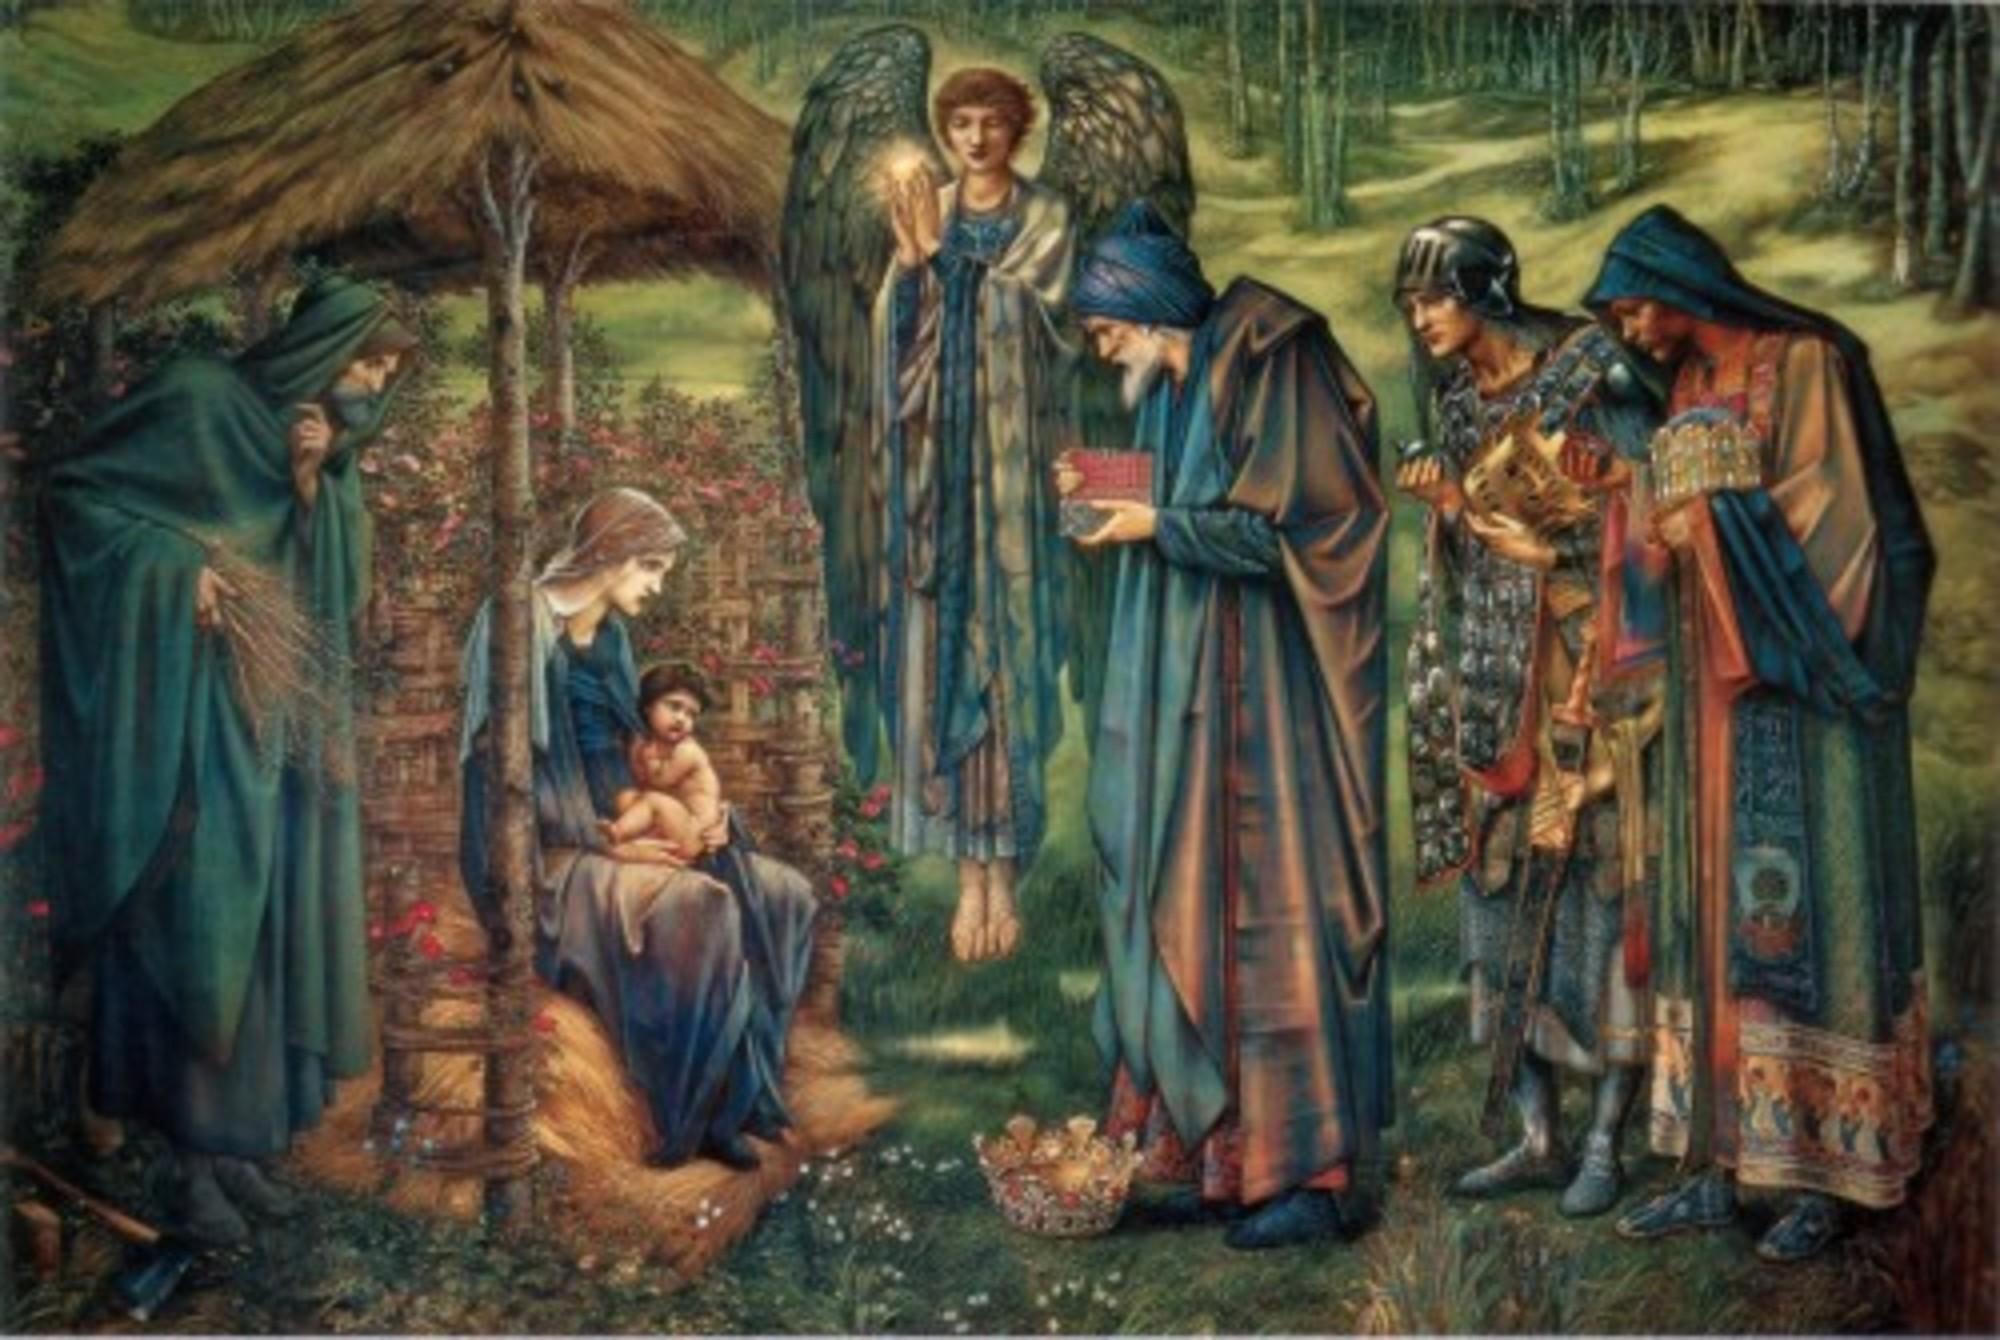 Edward_Burne-Jones_Star_of_Bethlehem.jpg